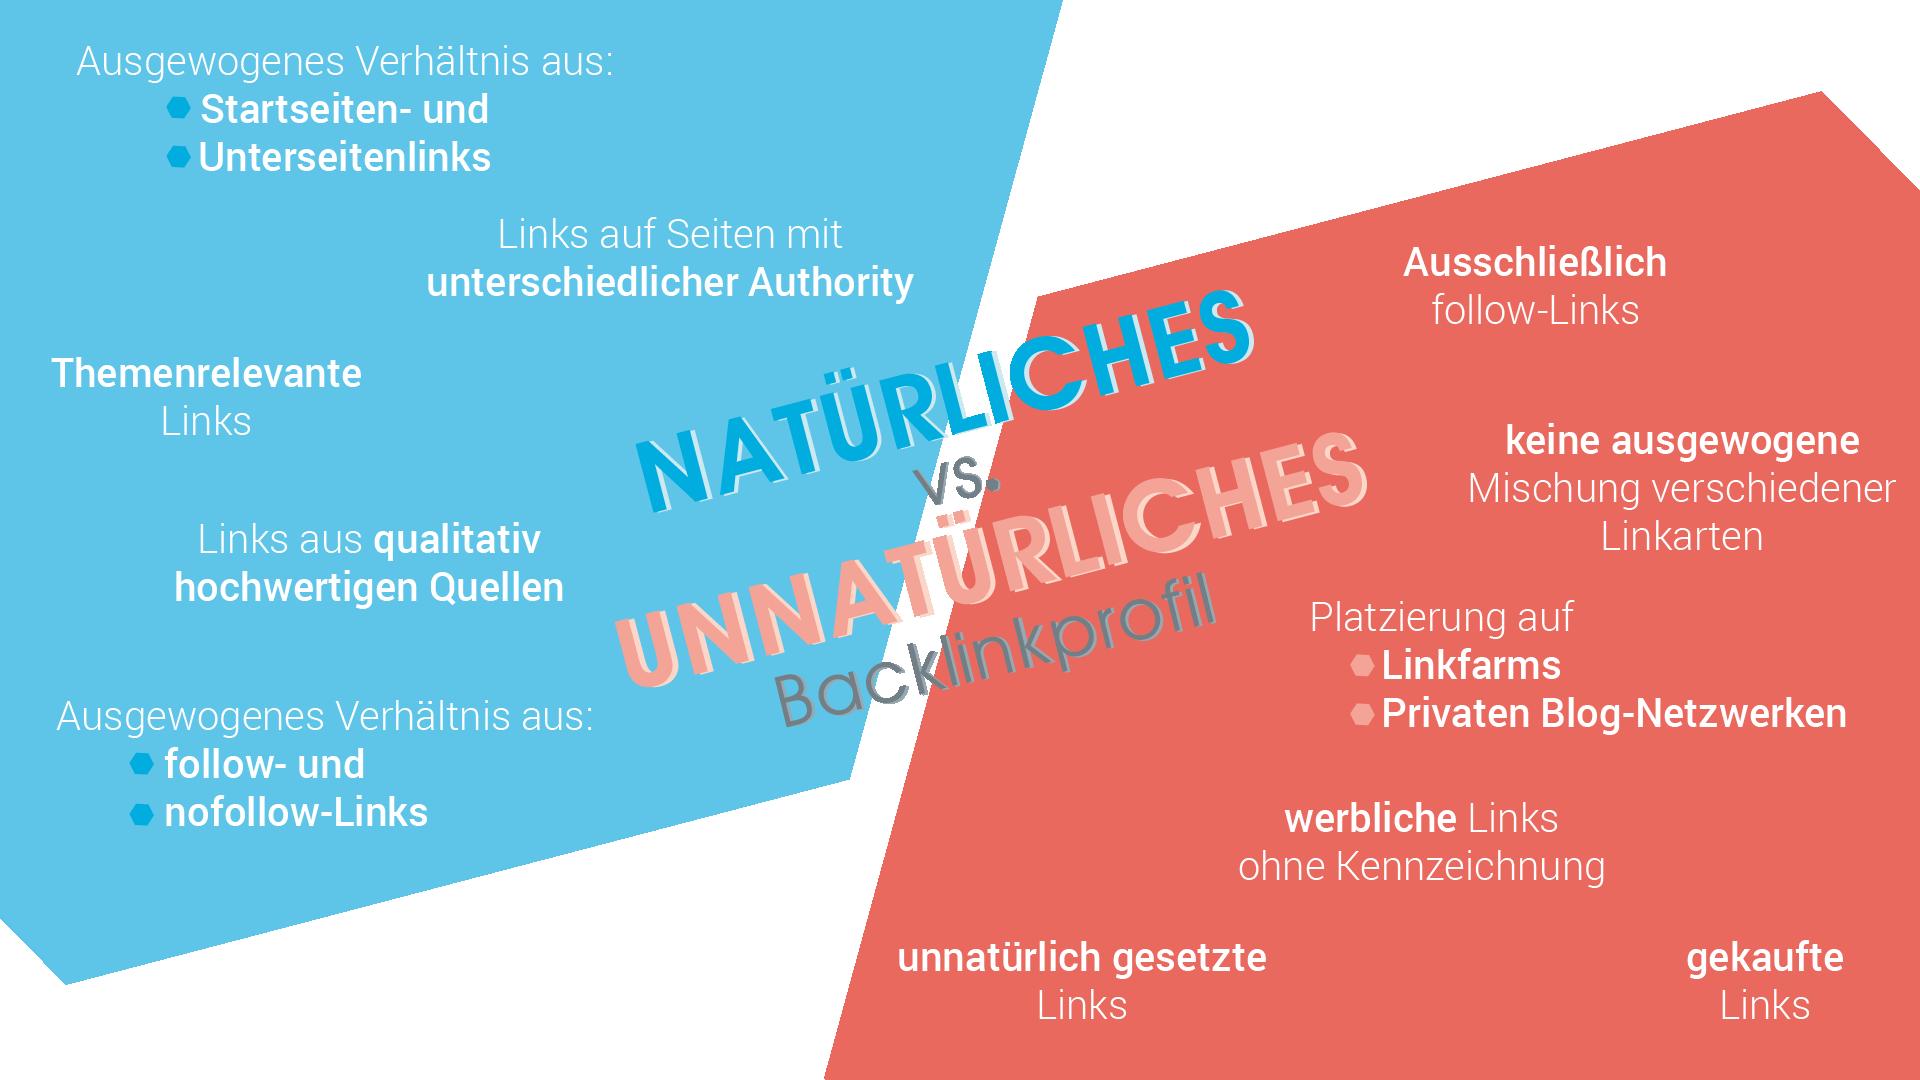 Natürliches vs. unnatürliches Backlinkprofil - ein direkter Vergleich